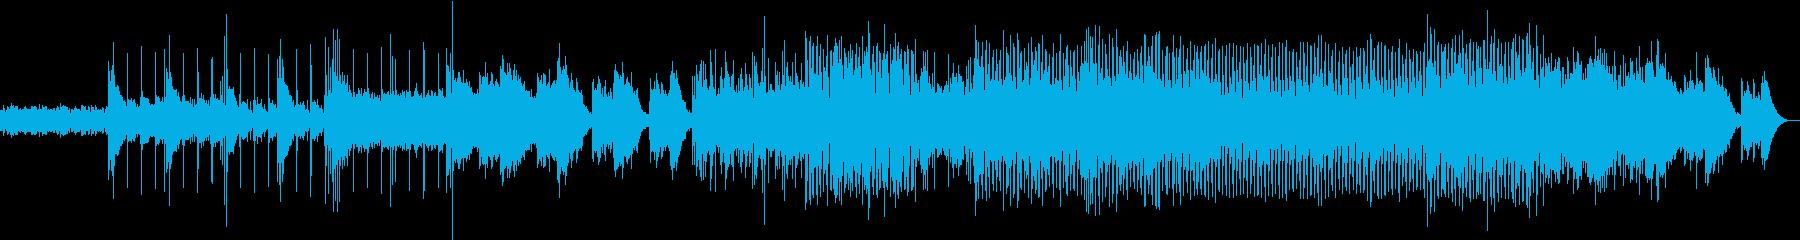 晴れやかな印象のテクノポップの再生済みの波形